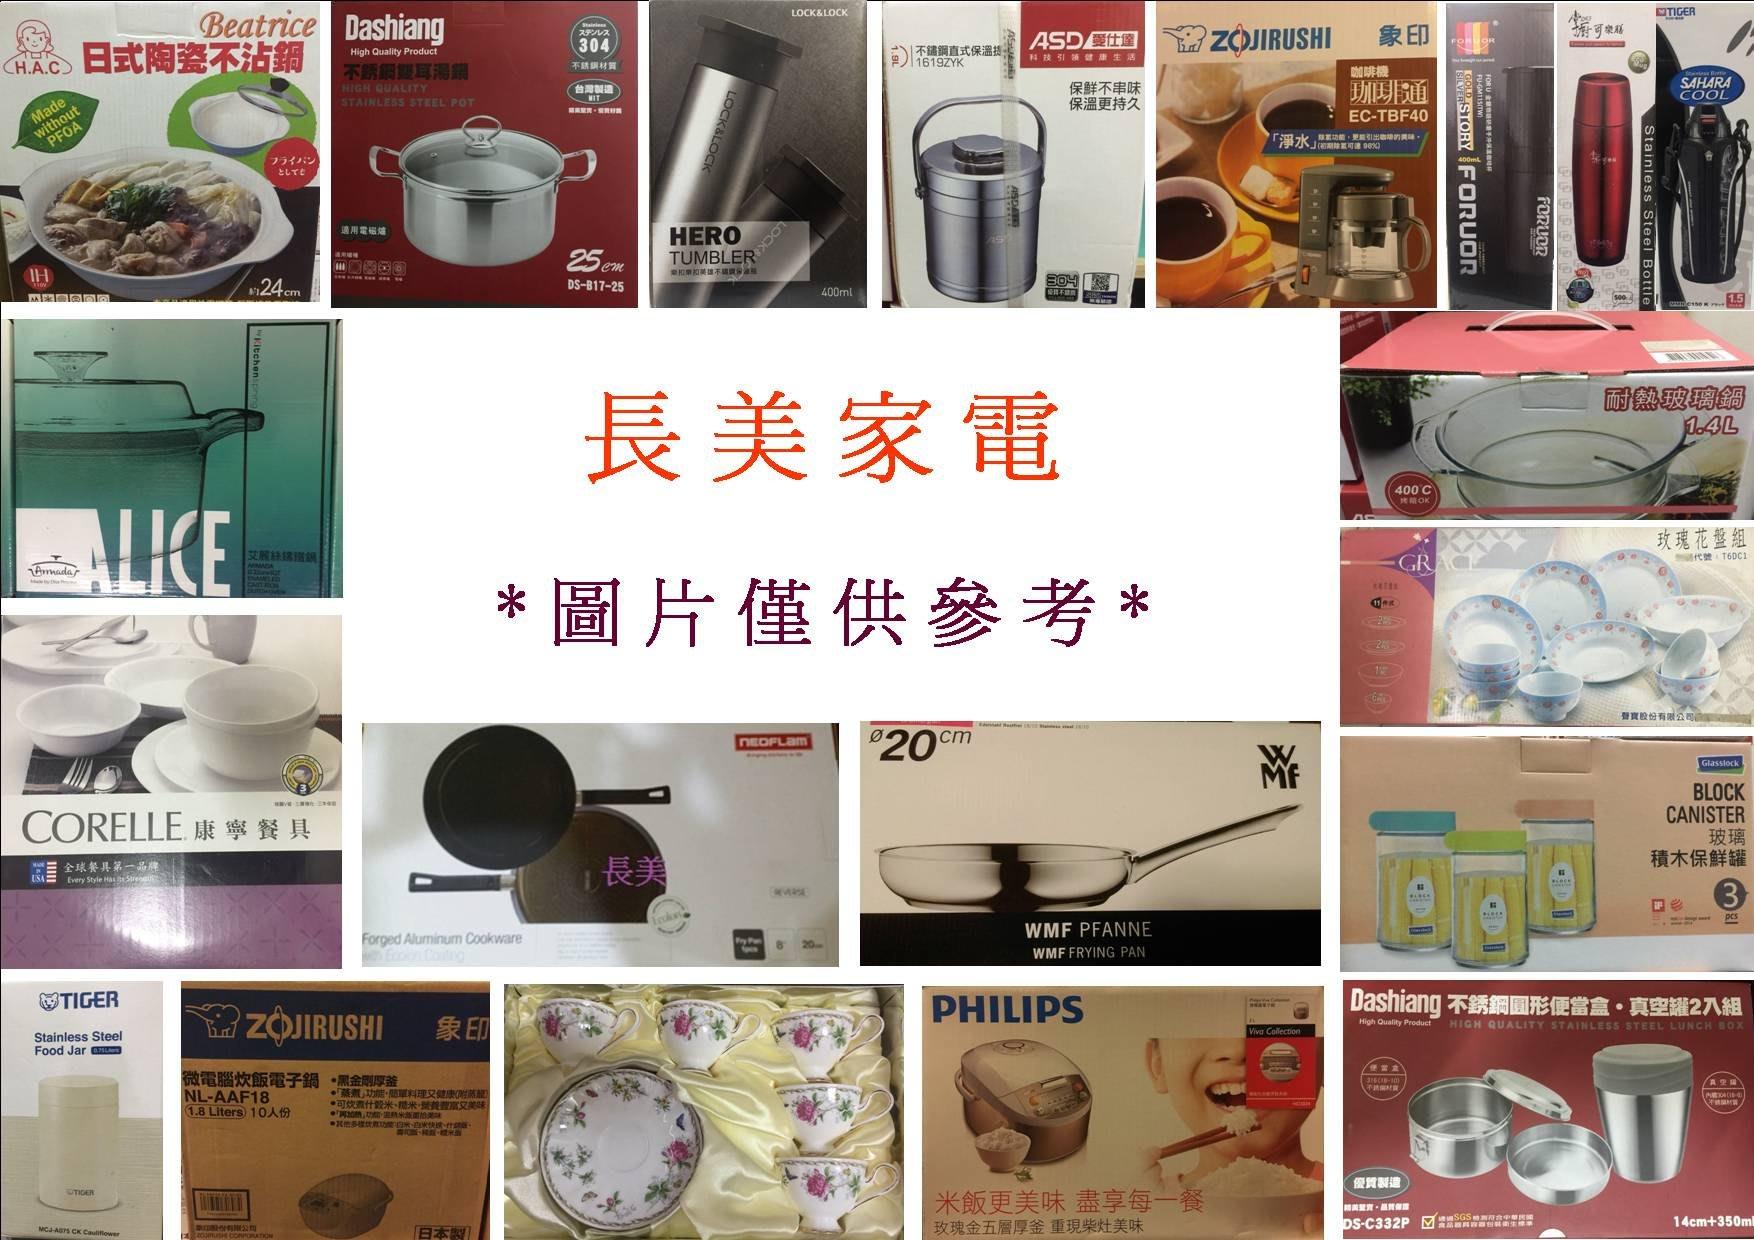 板橋-長美 寶馬烘焙機 TA-SHW-200 / TASHW200 日本寶馬小鋼砲電動咖啡豆烘焙機(送瓦斯爐)